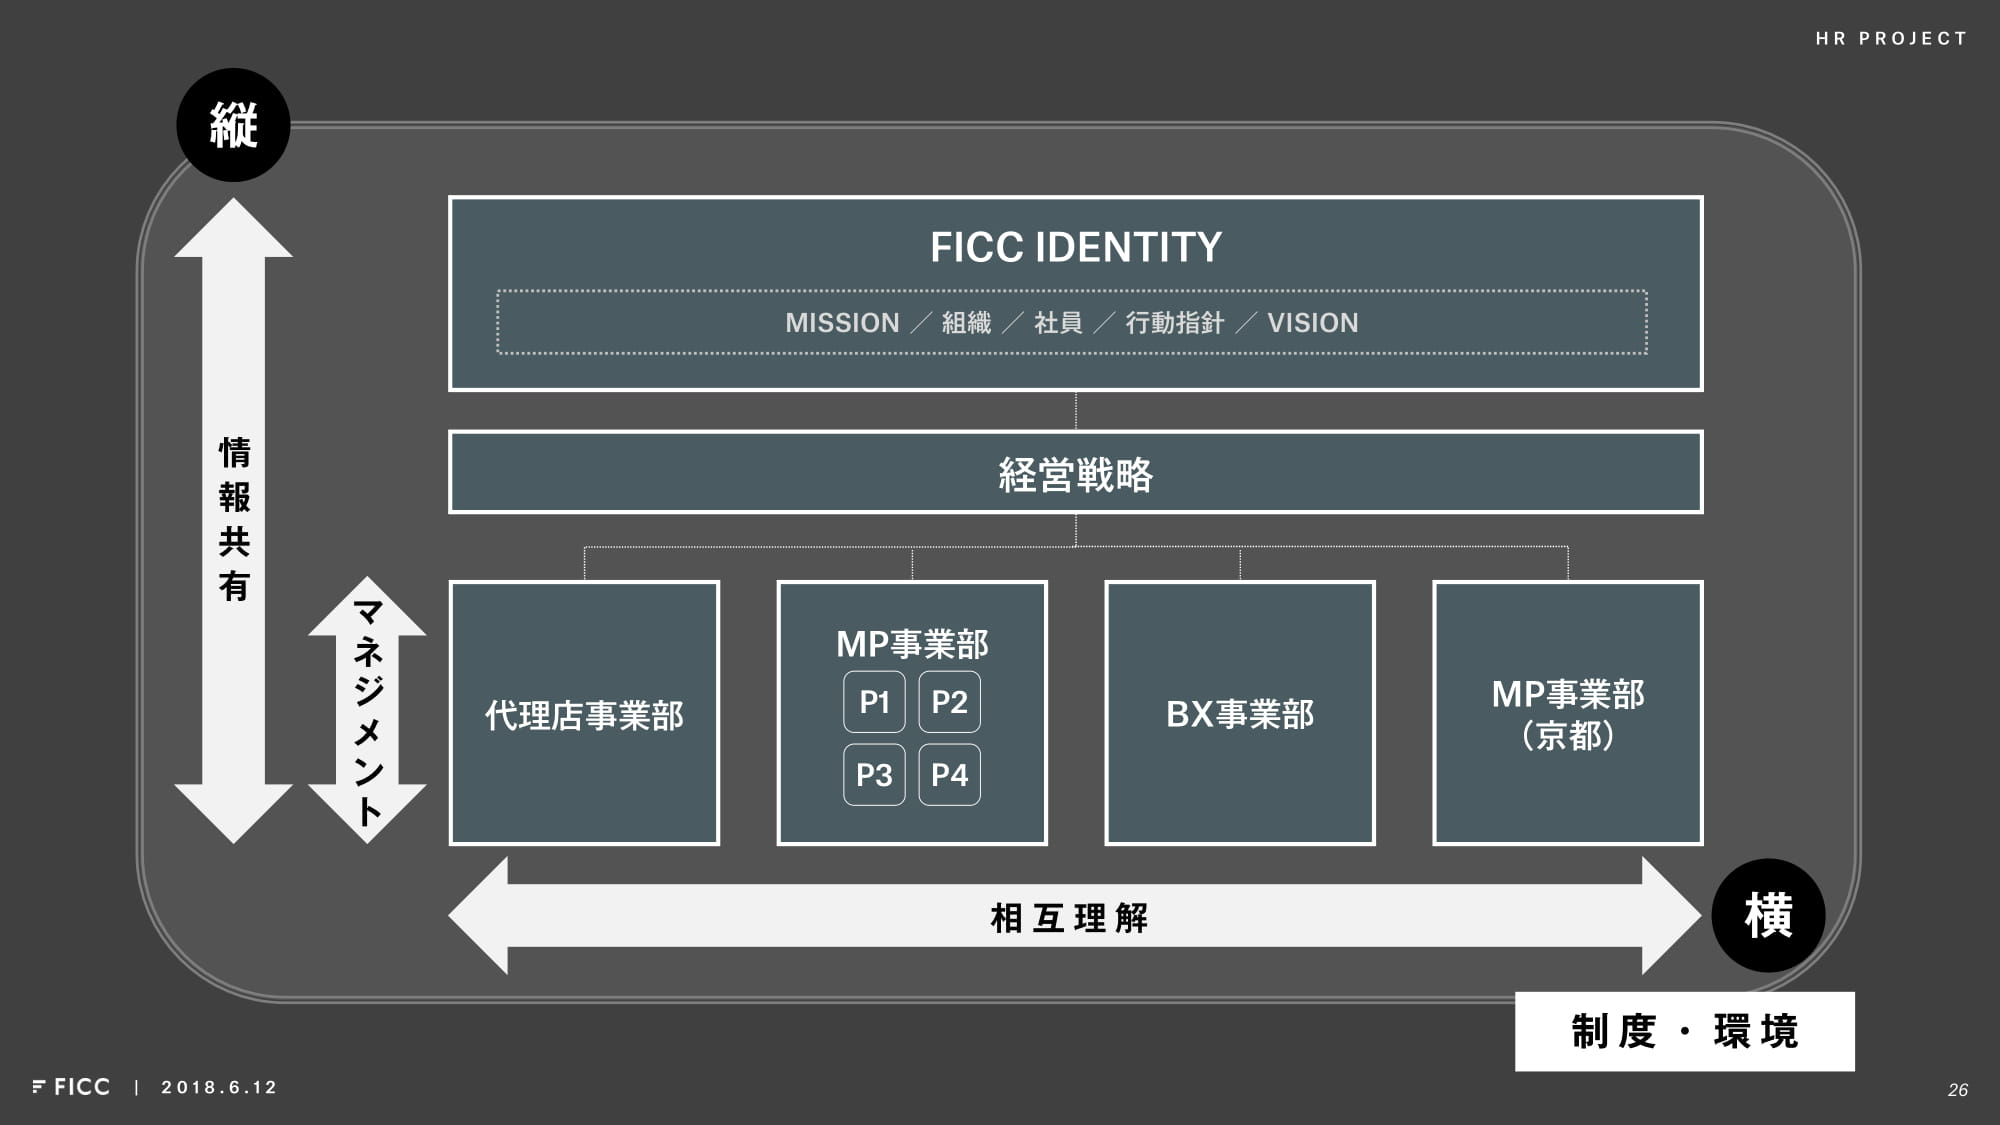 プロジェクトの方向性-FICC IDENTITY